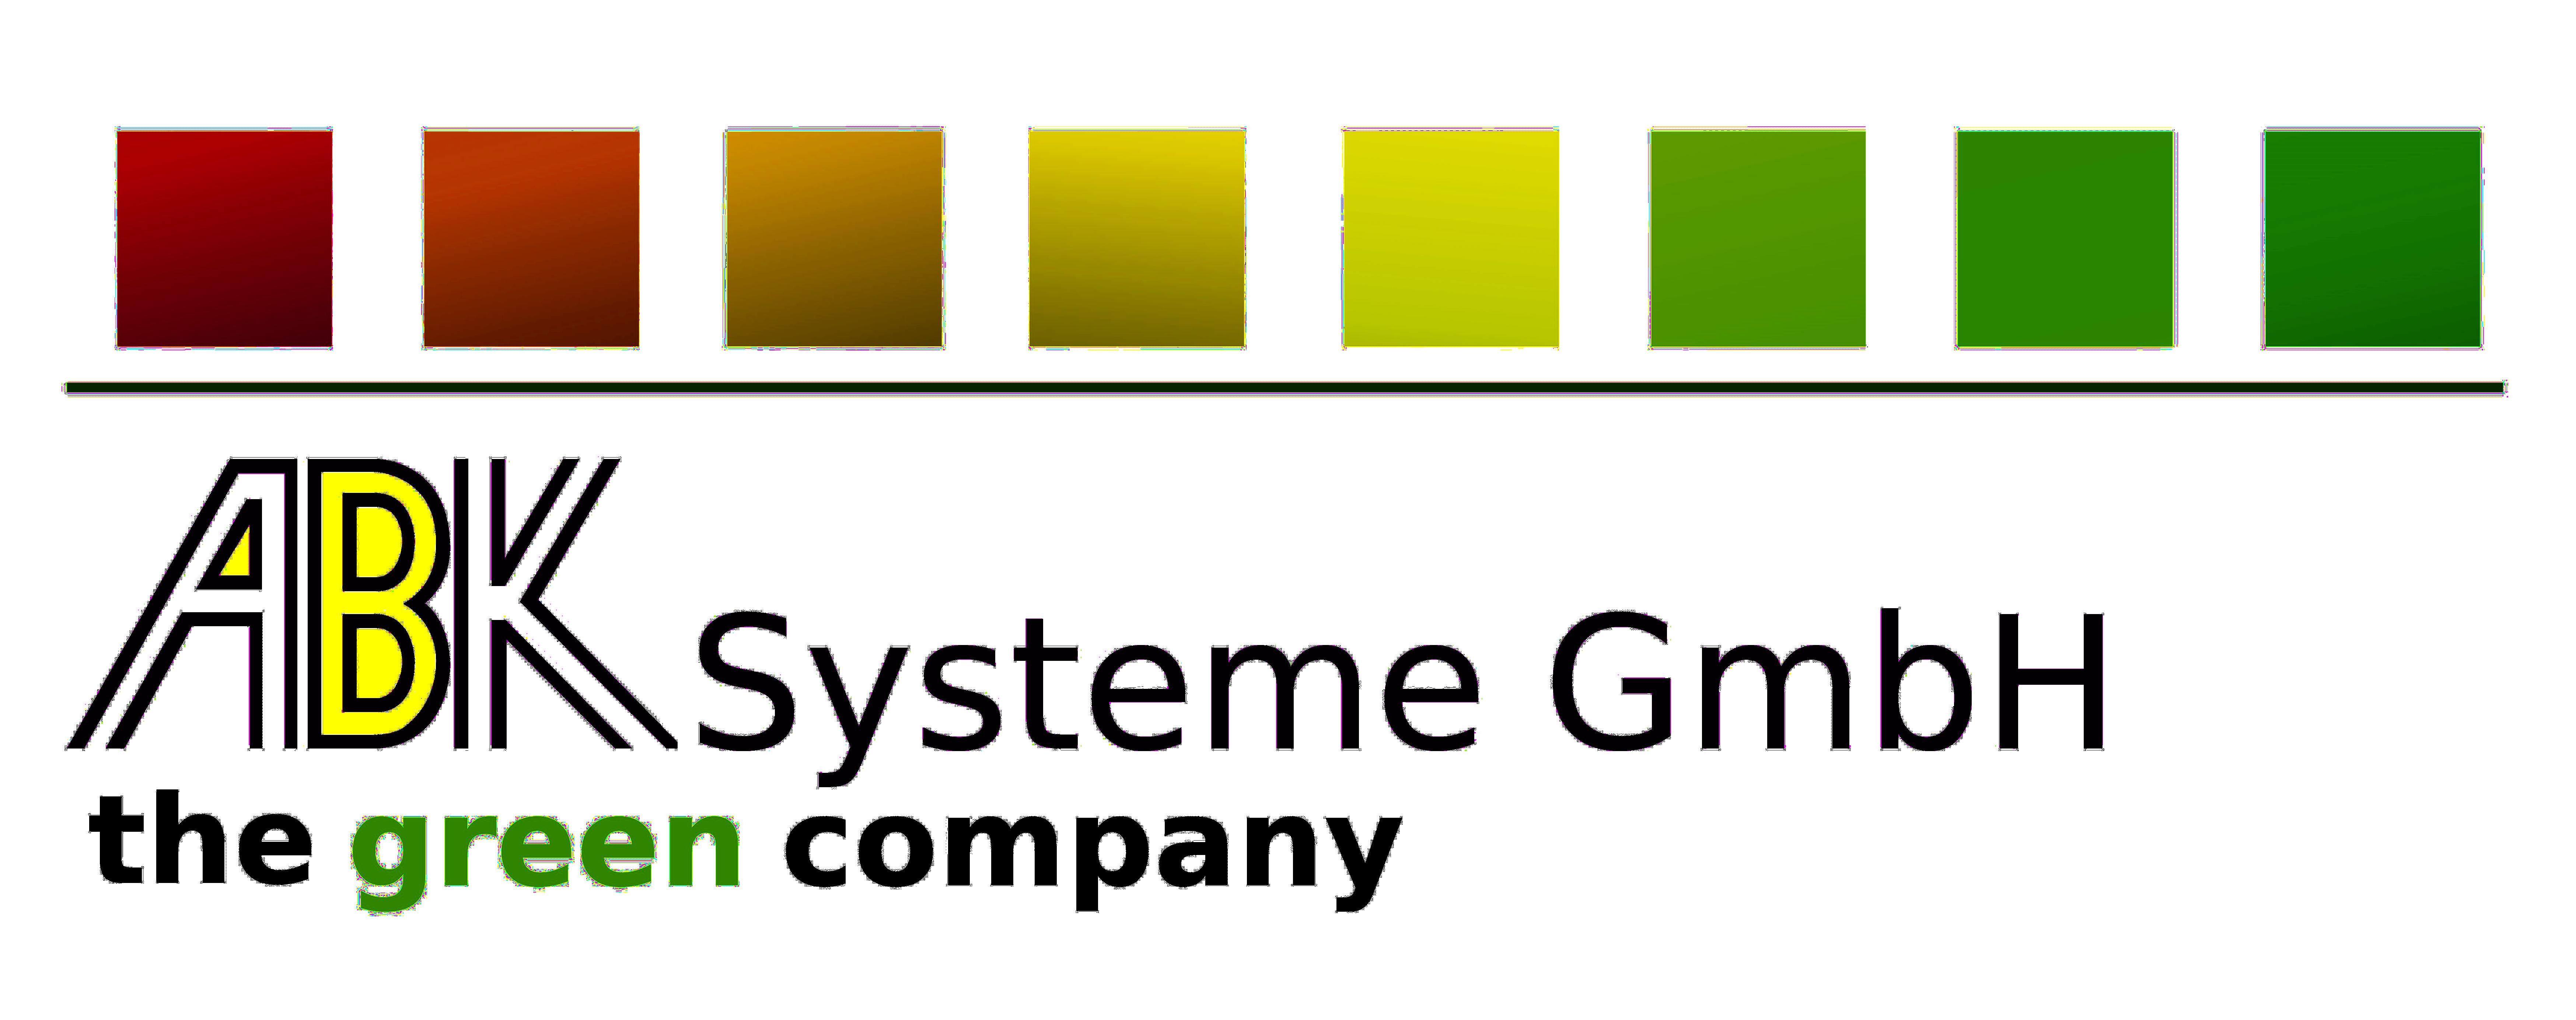 ABK Systeme GmbH